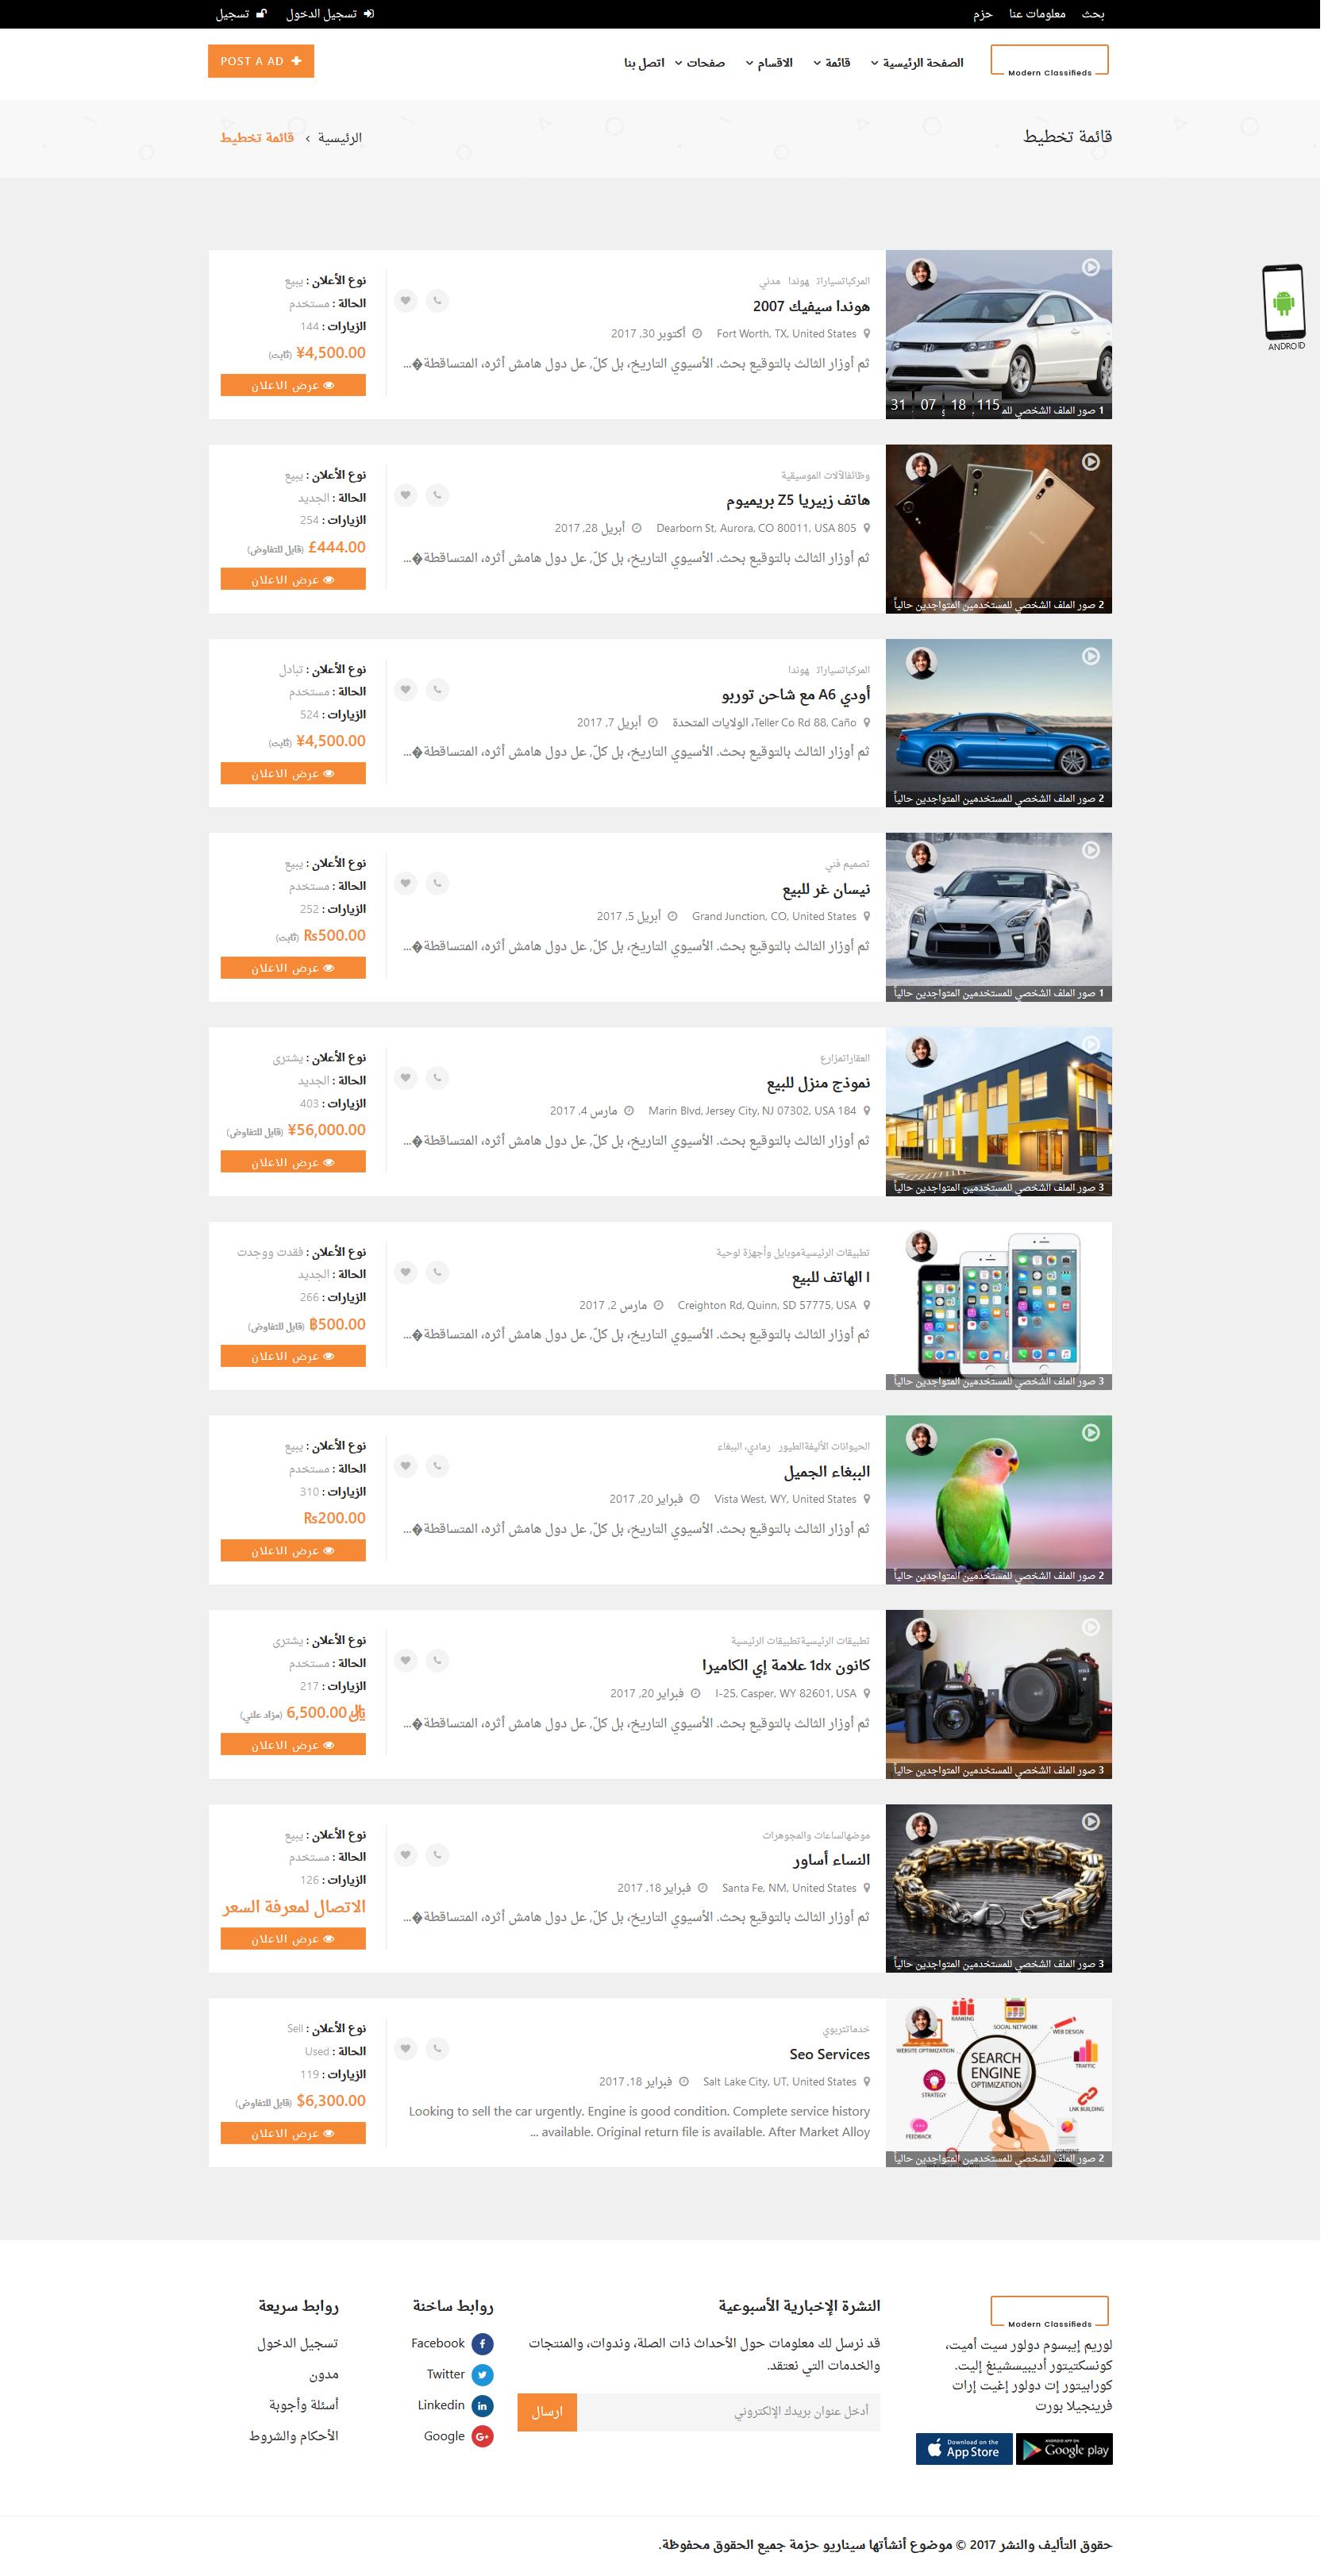 تصميم برنامج موقع سوق تسوق تسويق اعلانات مبوبة - صفحة عروض تجارية طريقة تخطيط قائمة